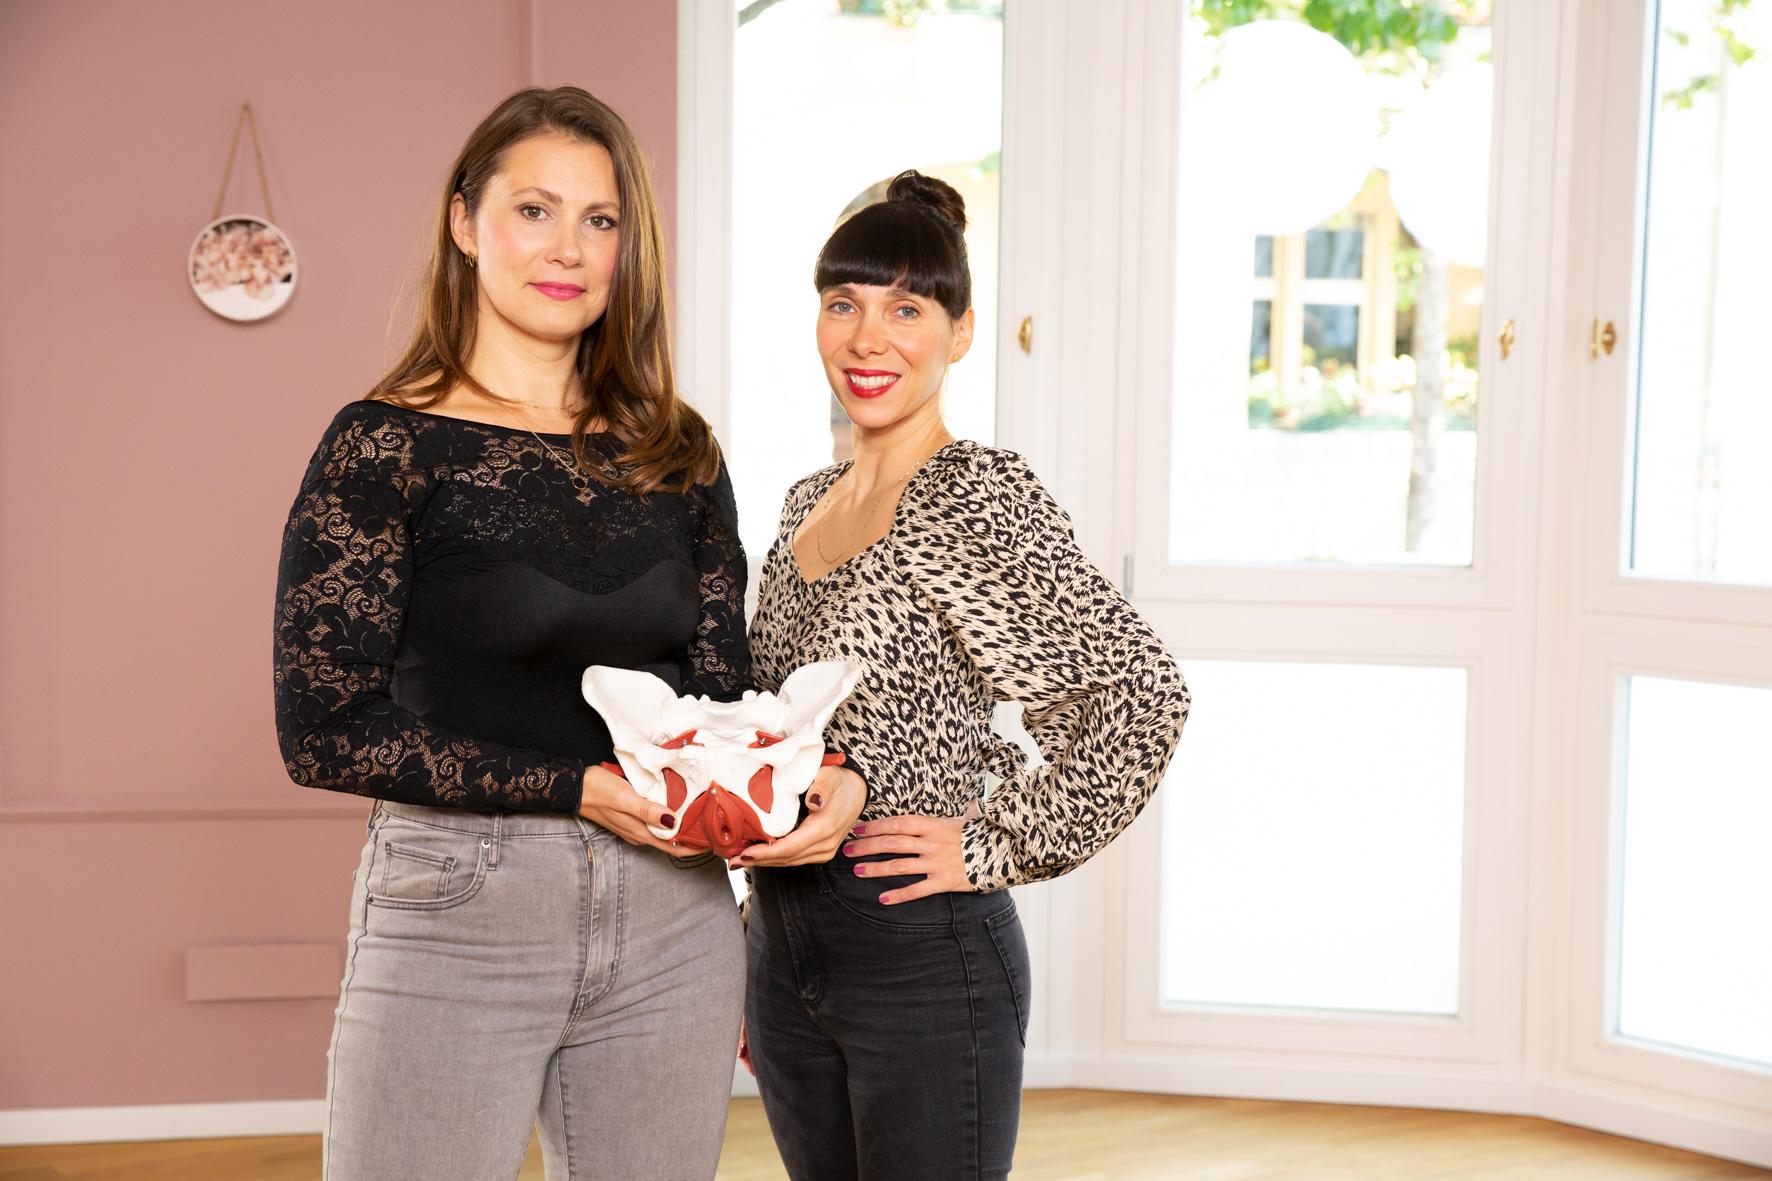 Kristina und Anne Weiterbildung Beckenboden